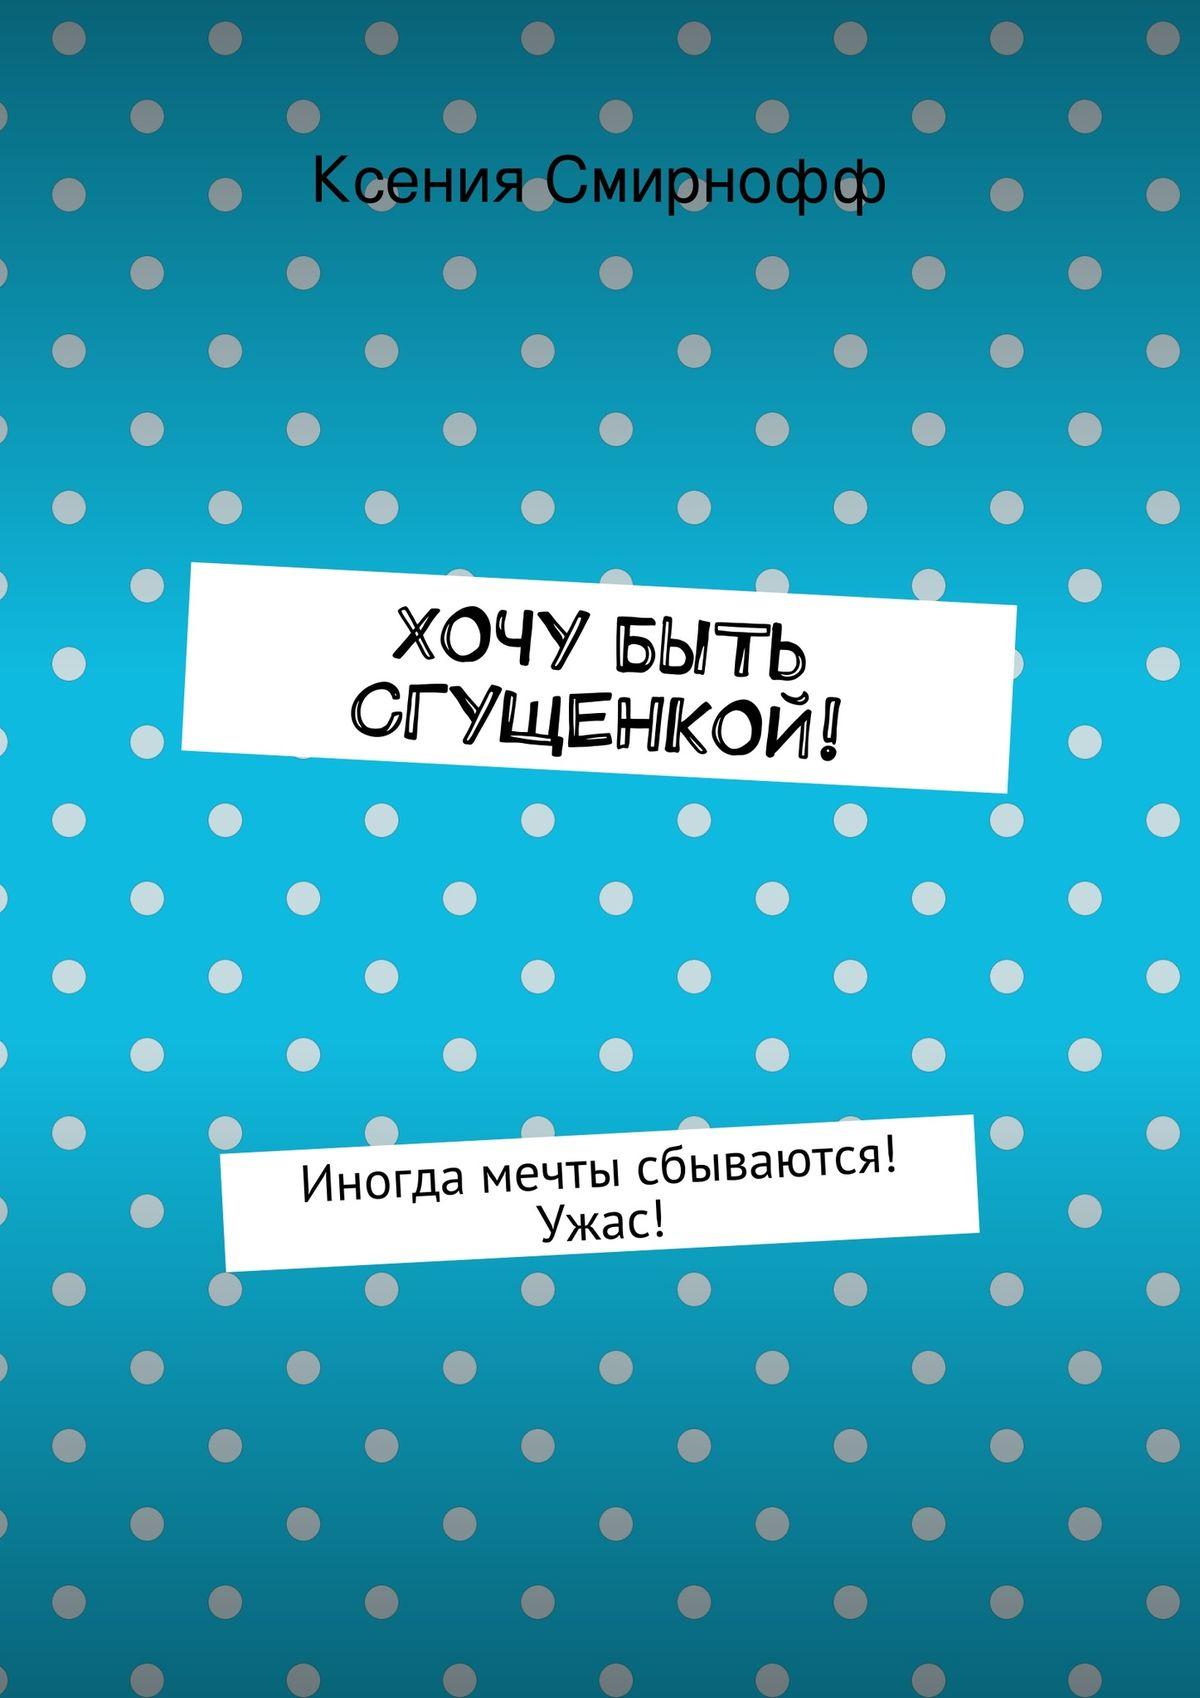 Хочу быть сгущенкой!